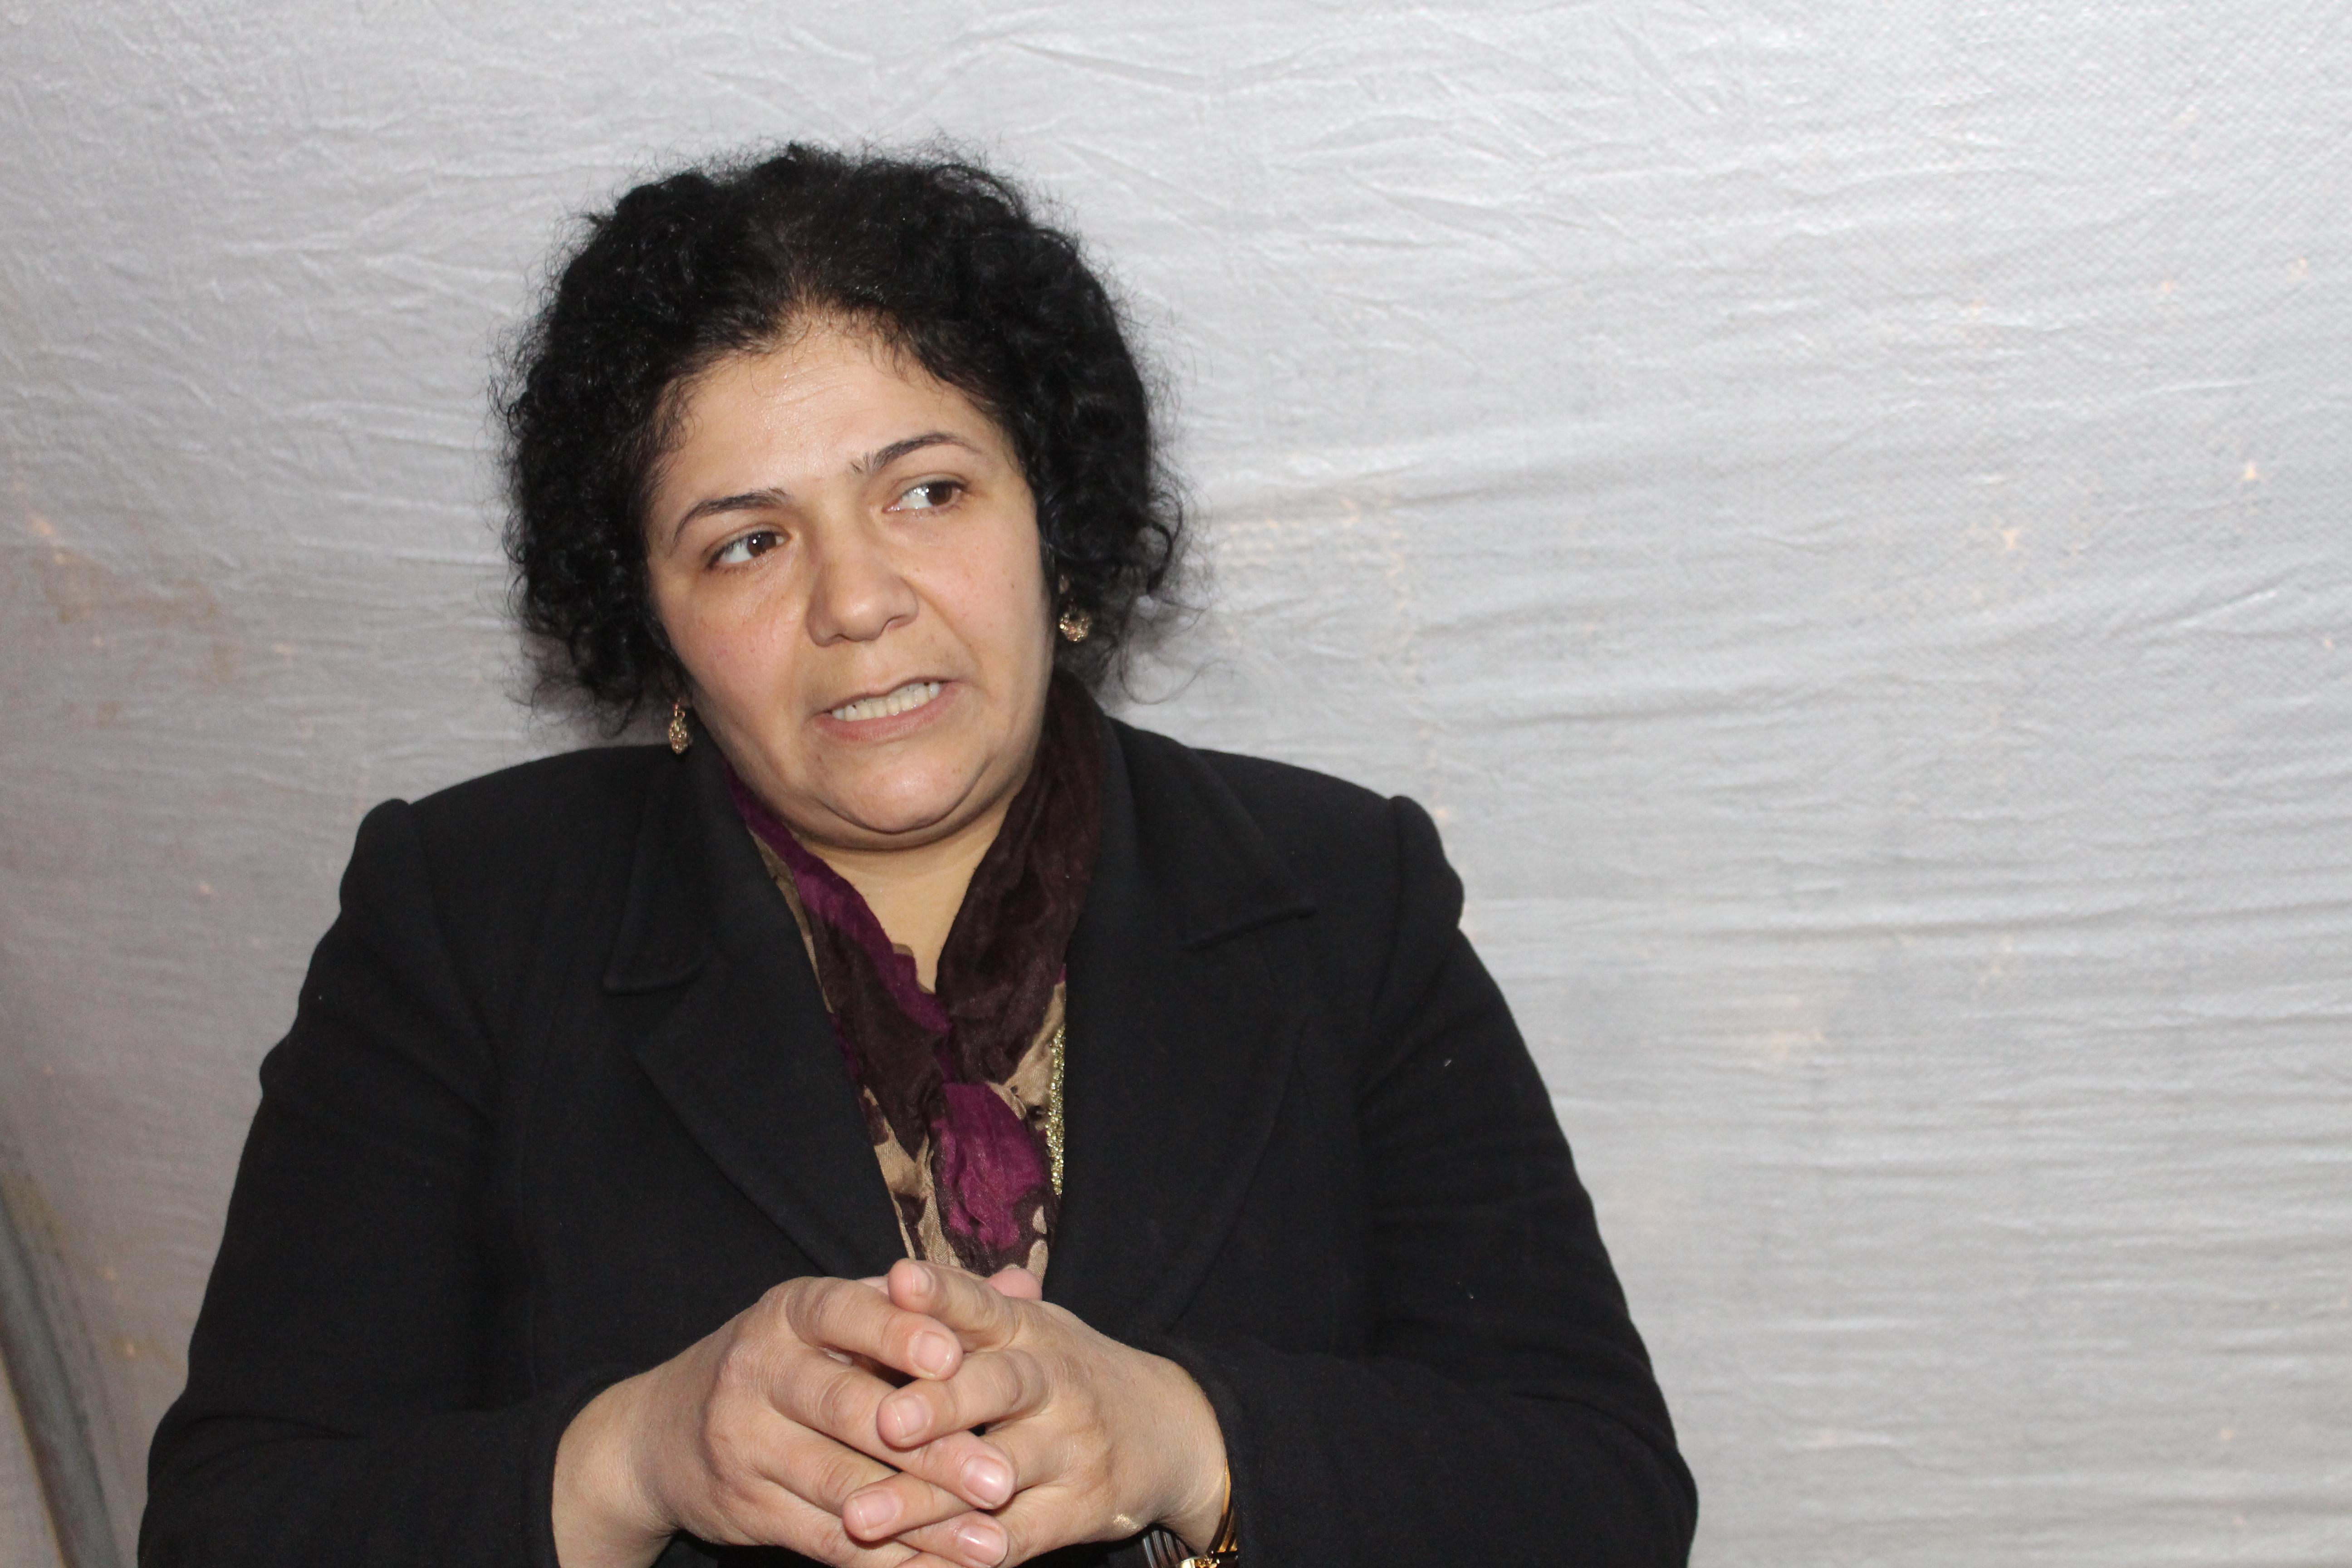 Шираз Хамо: Для борьбы с мышлением ИГИЛ важно совместные усилия